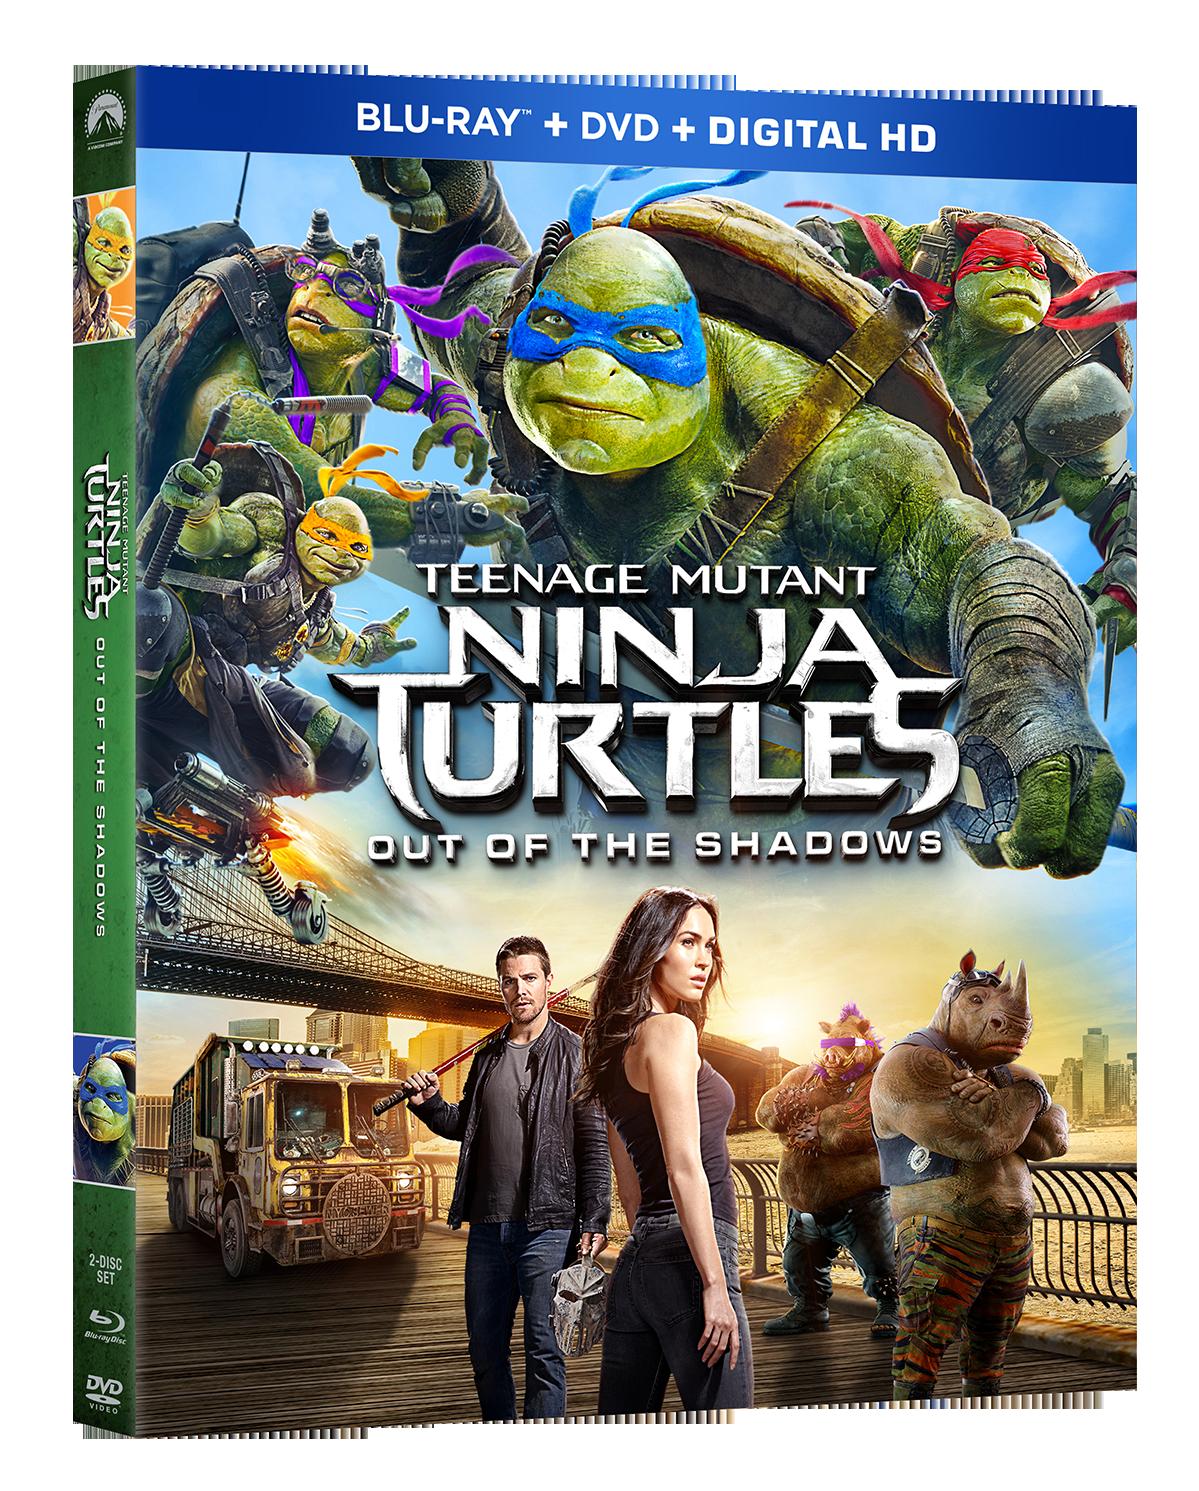 teenage mutant ninja turtles out of the shadows arrives on blu ray